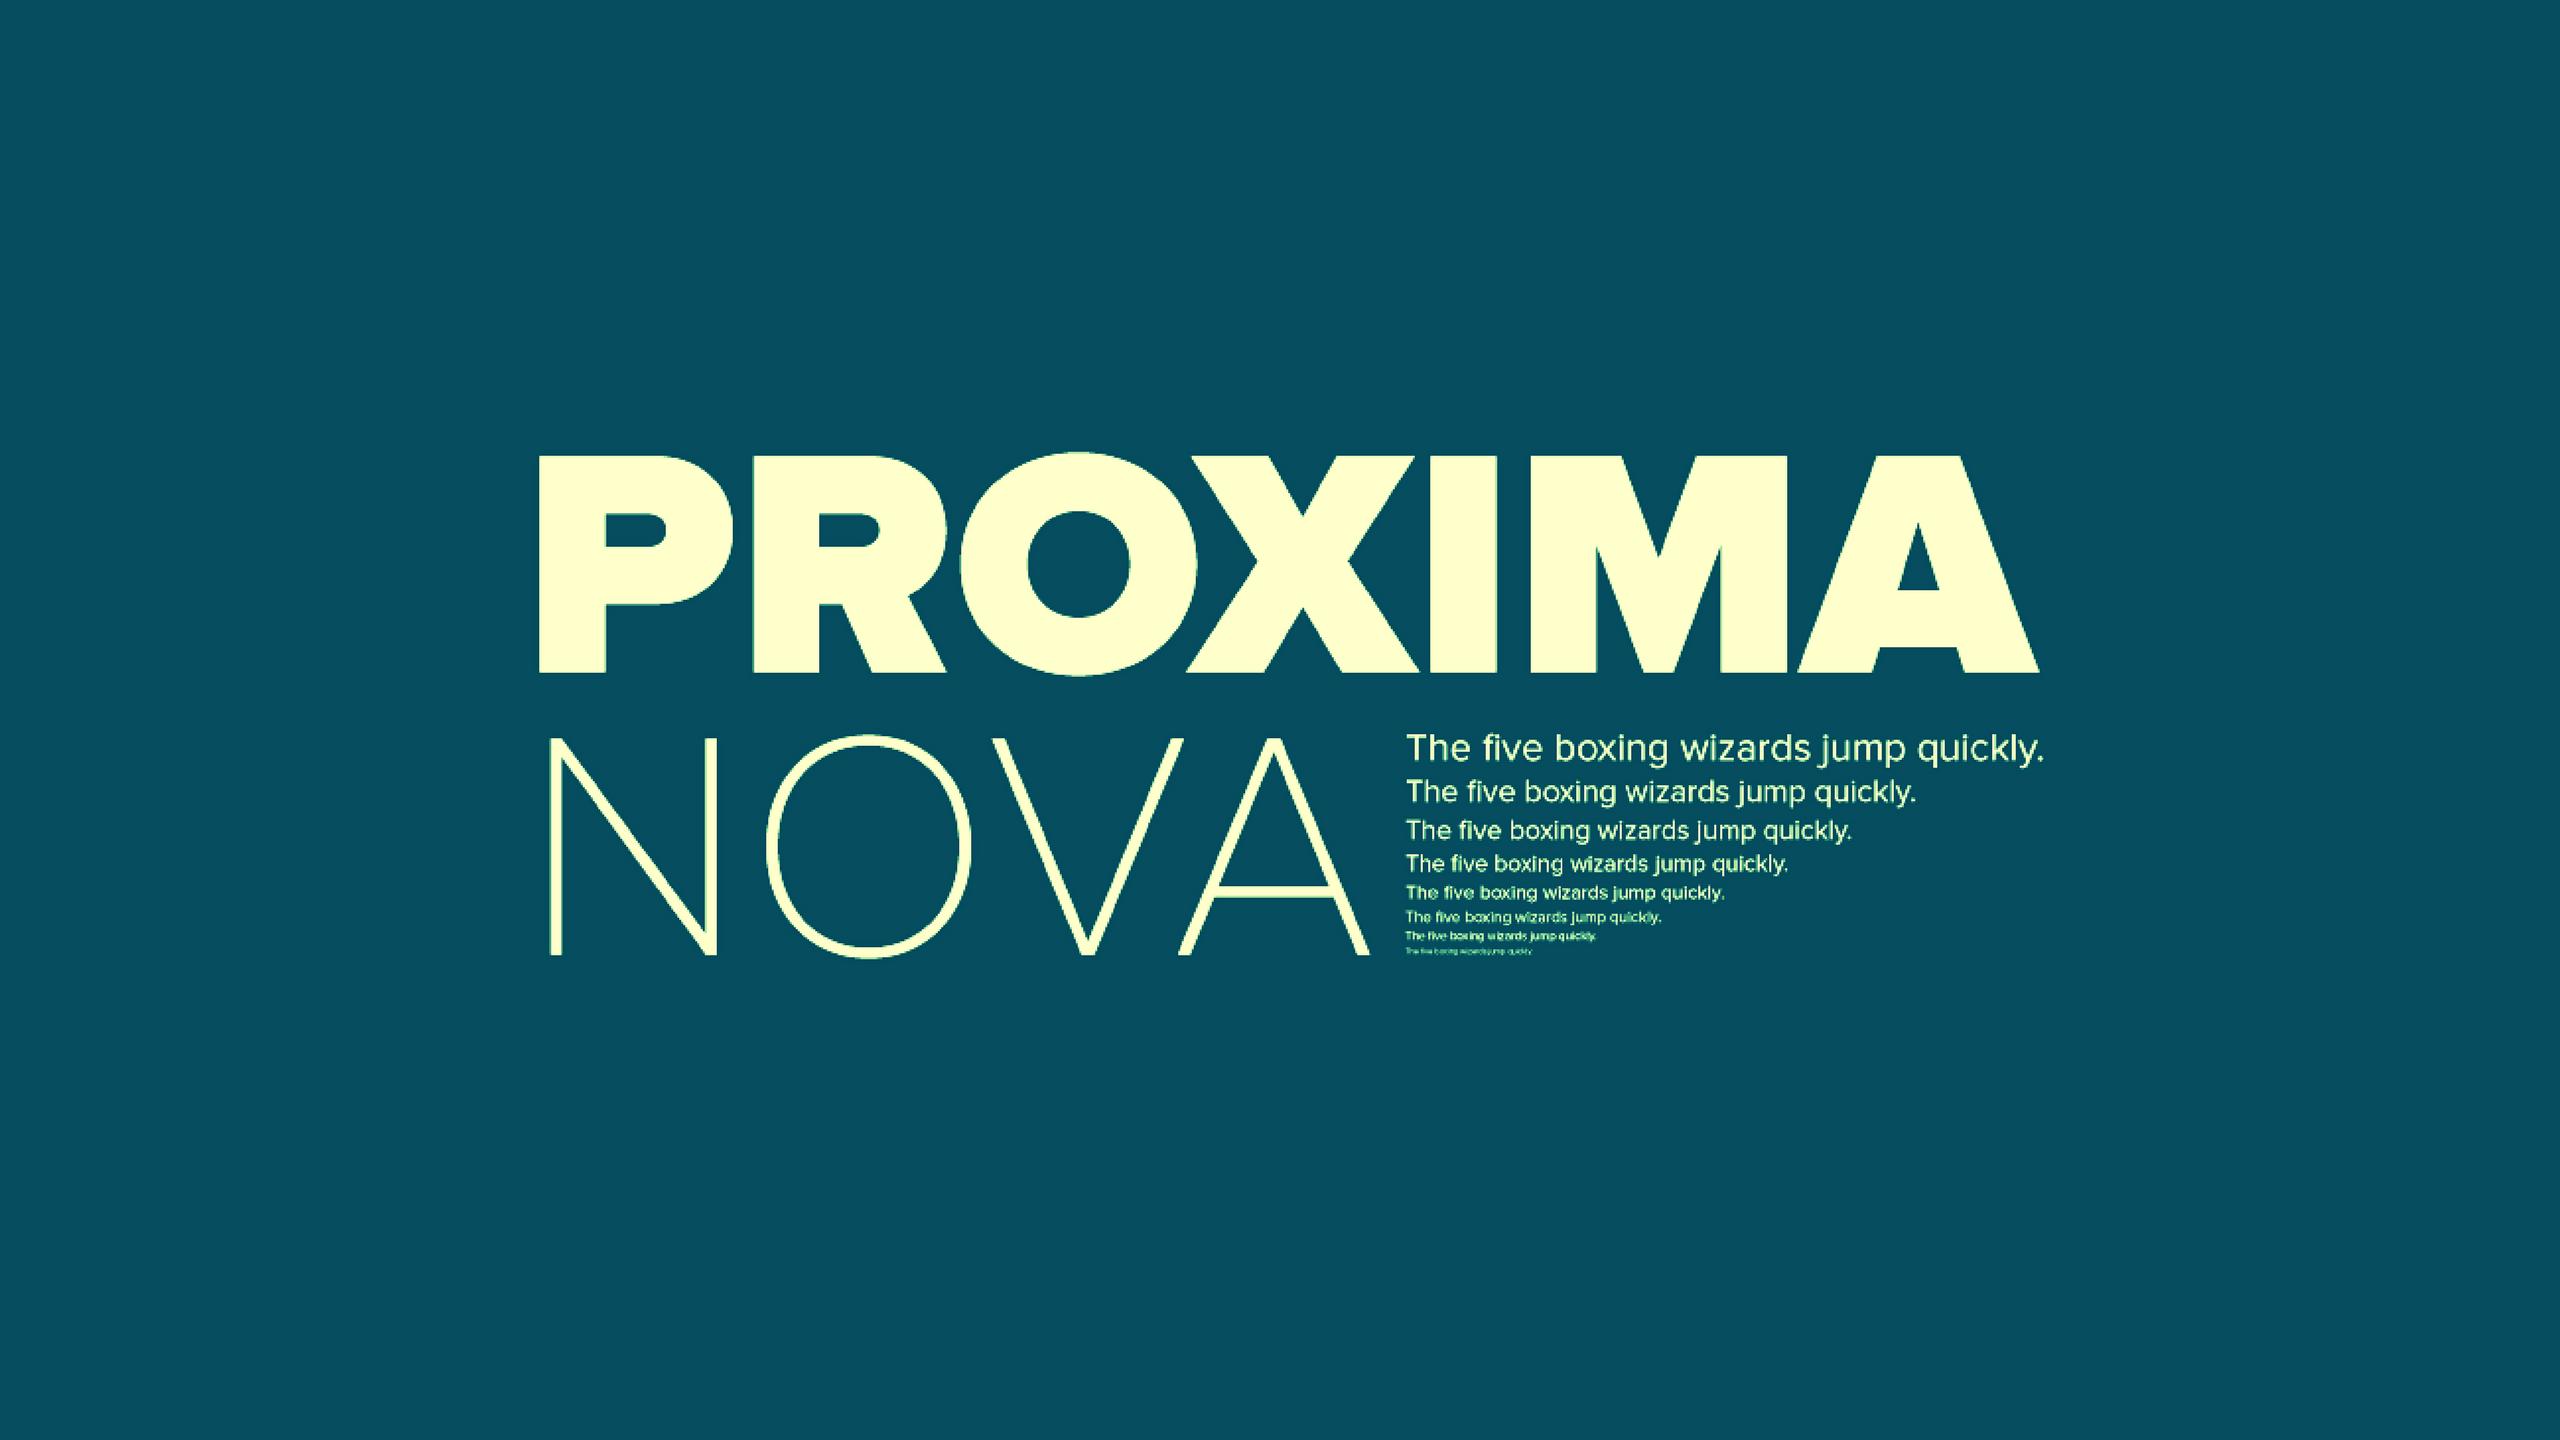 Font: Proxima Nova